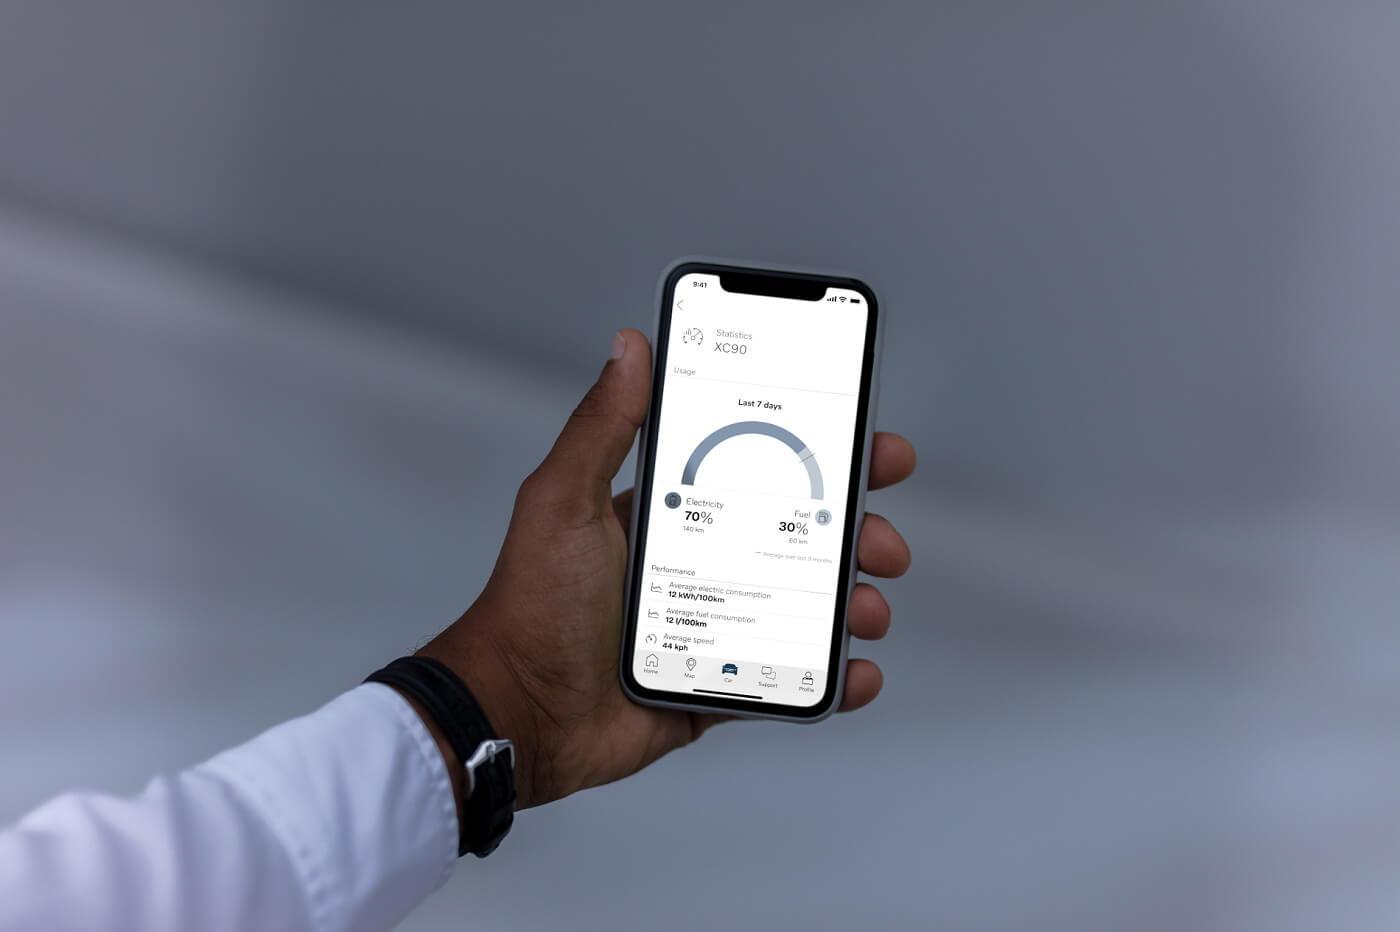 Вдосконалений додаток Volvo on Call:  водії отримають інформацію щодо витрат електроенергії, пального та викидів